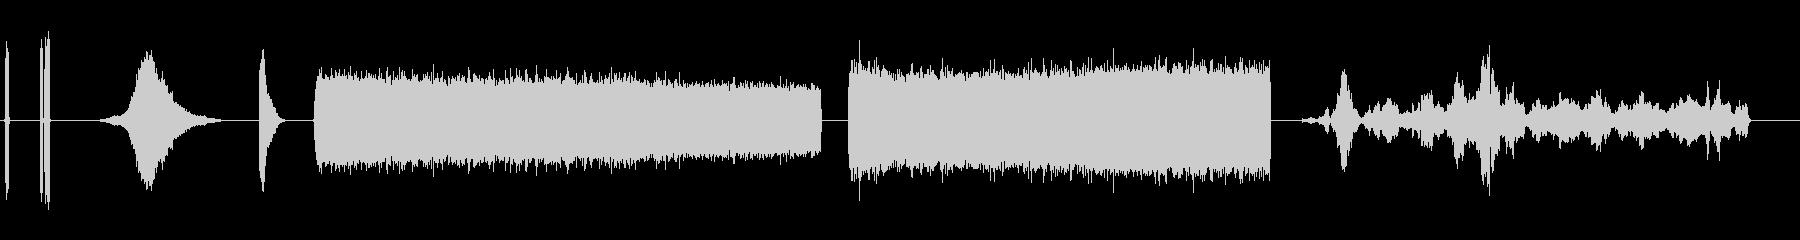 空気、レギュレーターによるレギュレ...の未再生の波形